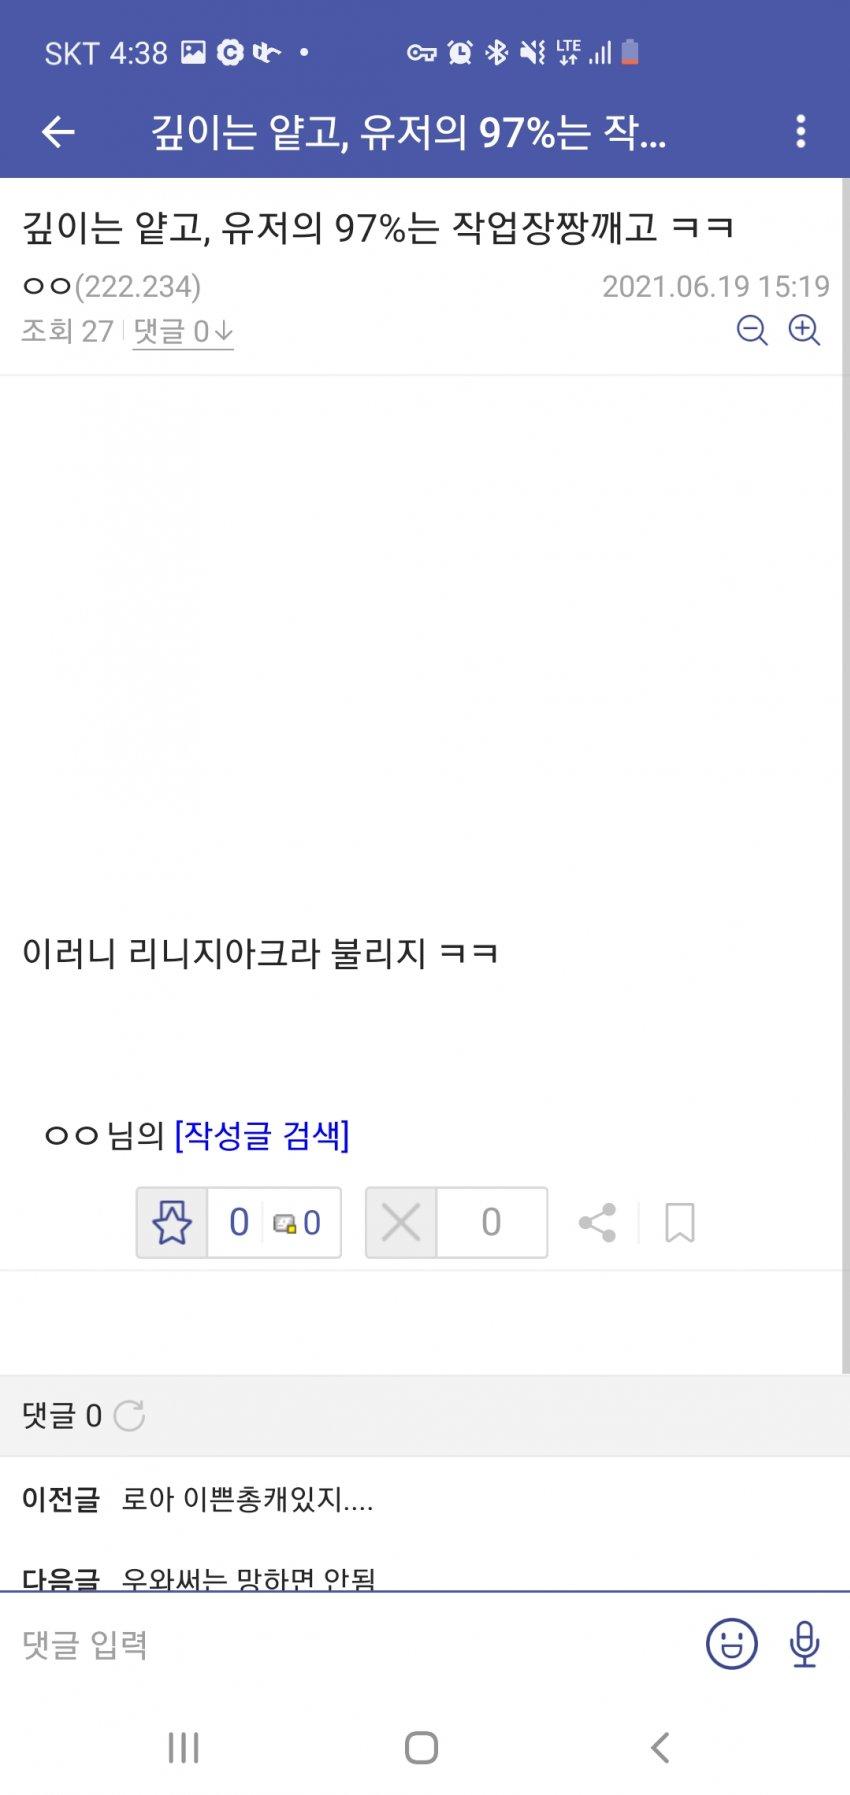 viewimage.php?id=2fb9&no=24b0d769e1d32ca73fec8ffa11d0283194eeae3ea3f7d0da351cf9d3408c7013542a482128cc5aabf448150c2fe62a16d576a11544e524e3ce367bcc4a039f3b4c628d829b9257103dde58cd17c5147ab29540058ae6d86a